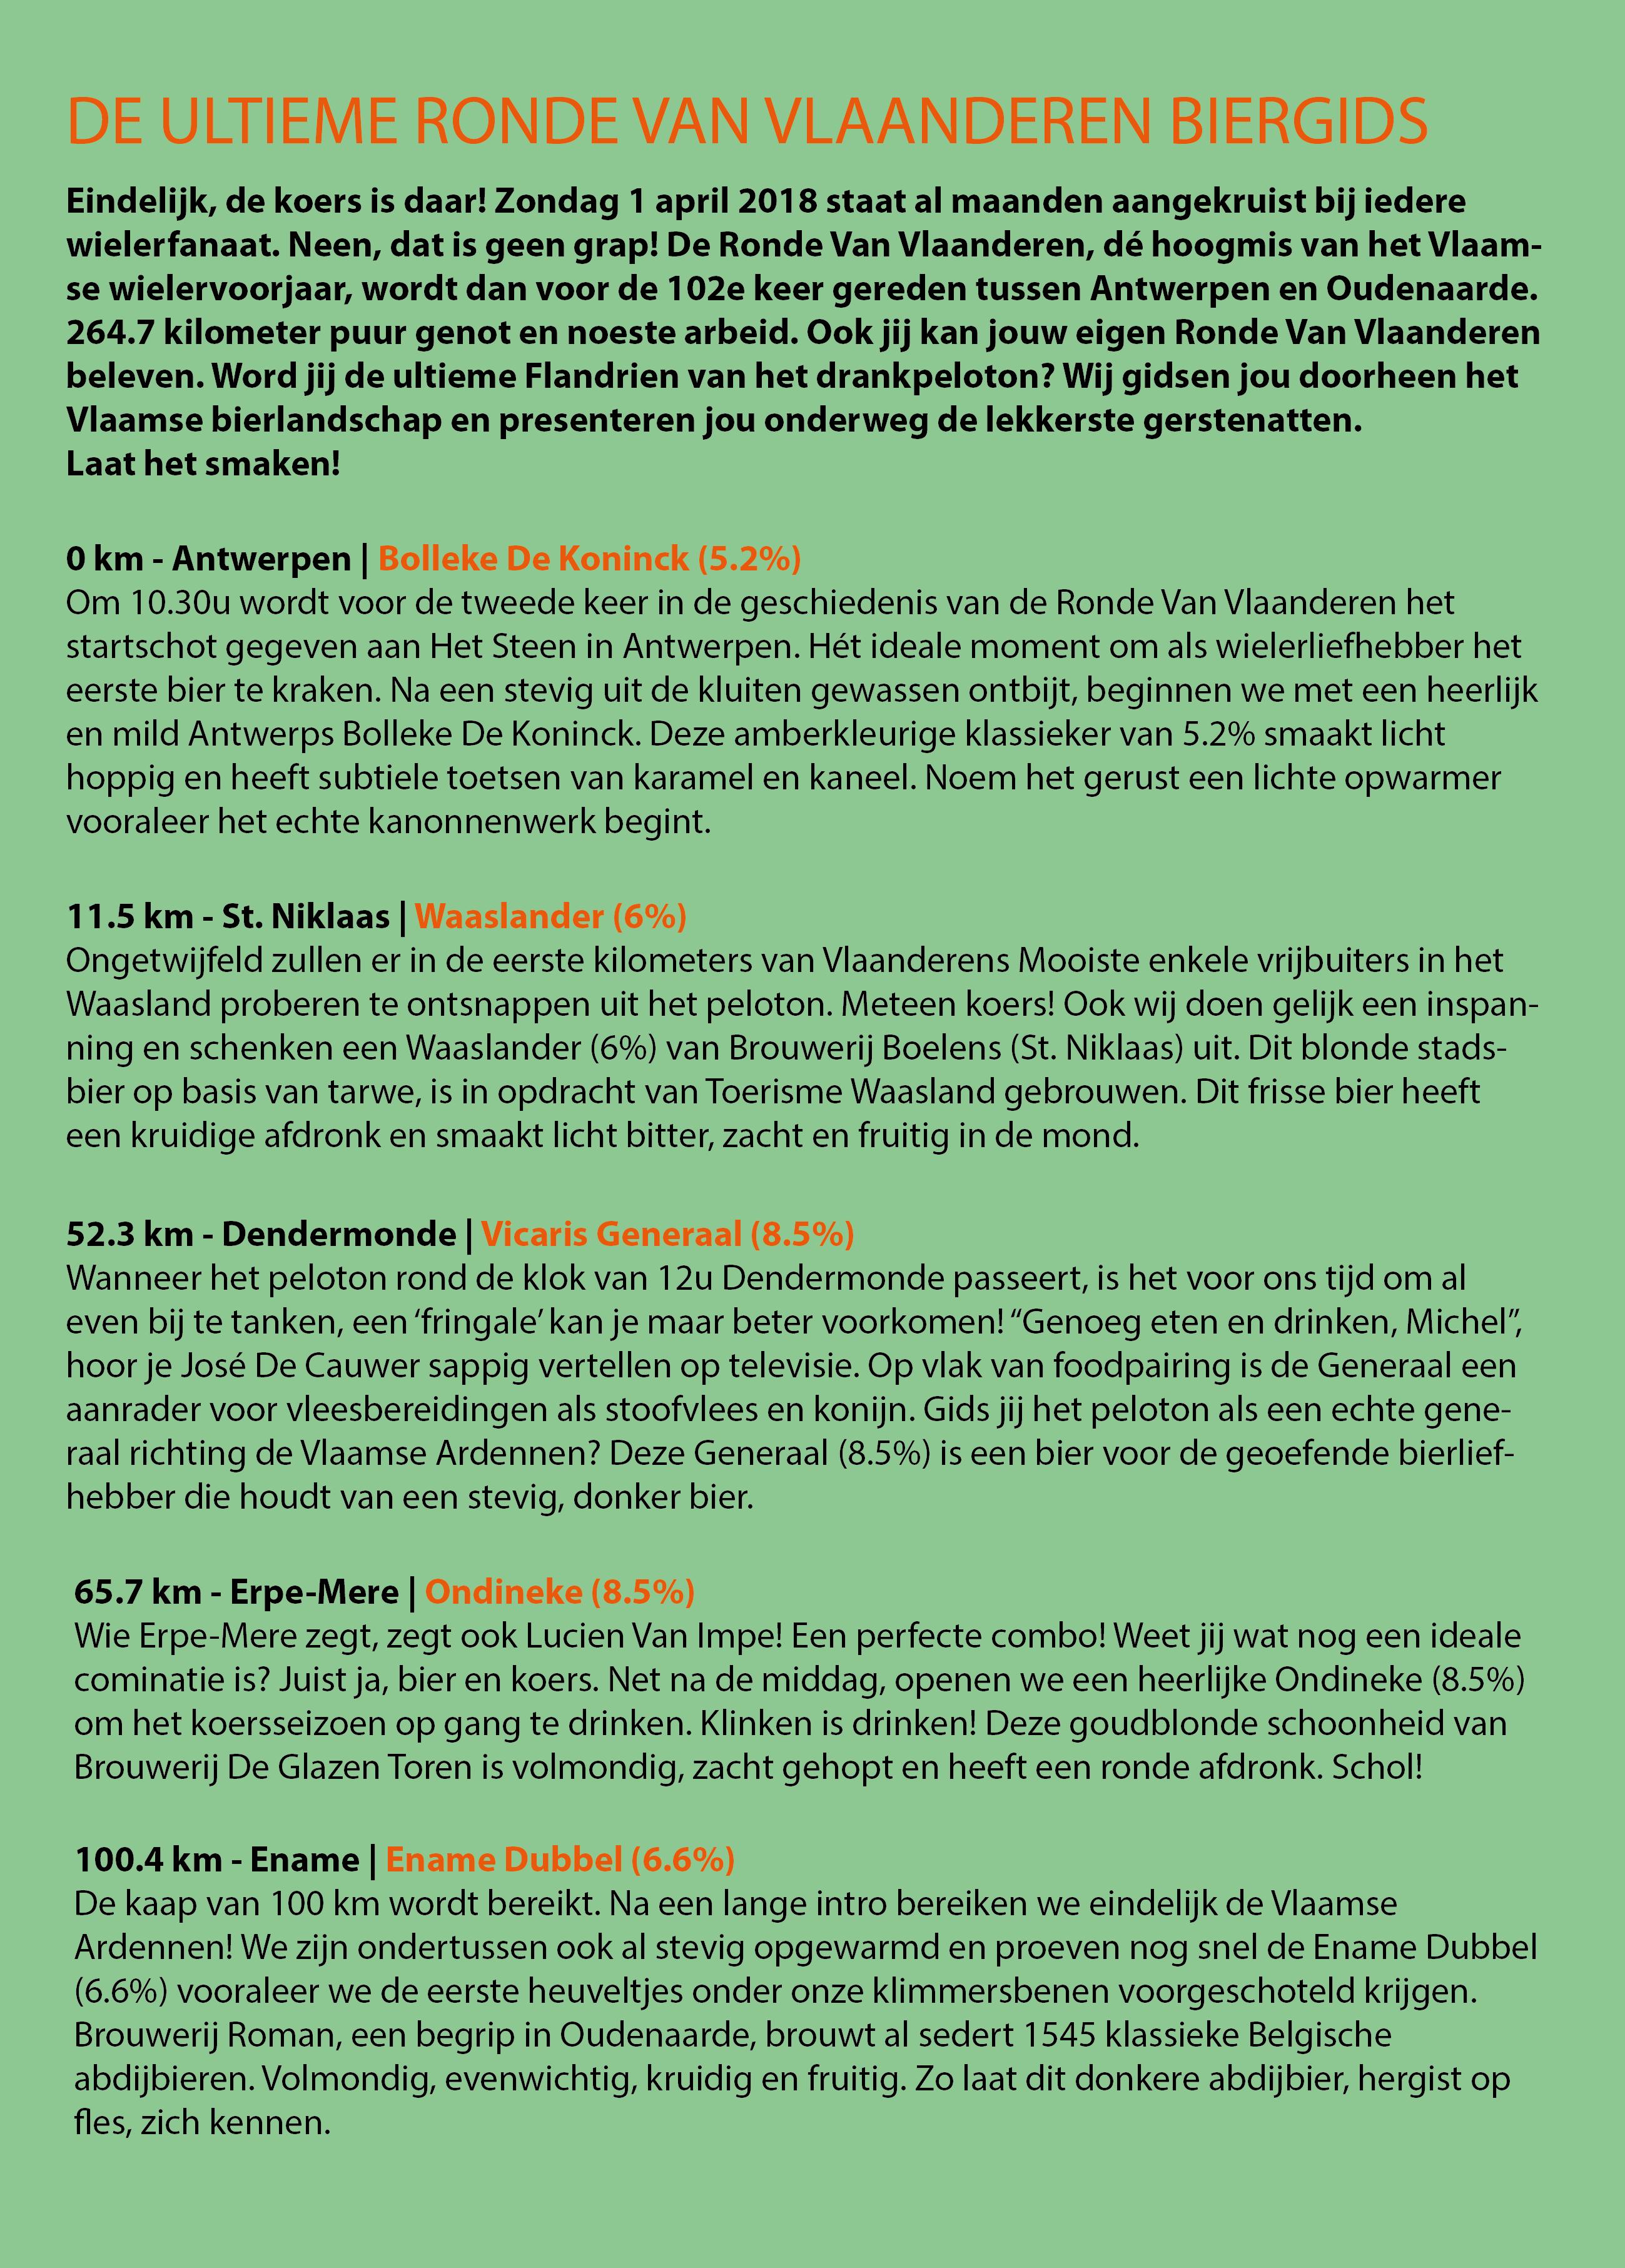 Ronde Van Vlaanderen 2018 Biergids - Bierparadijs - Blz1